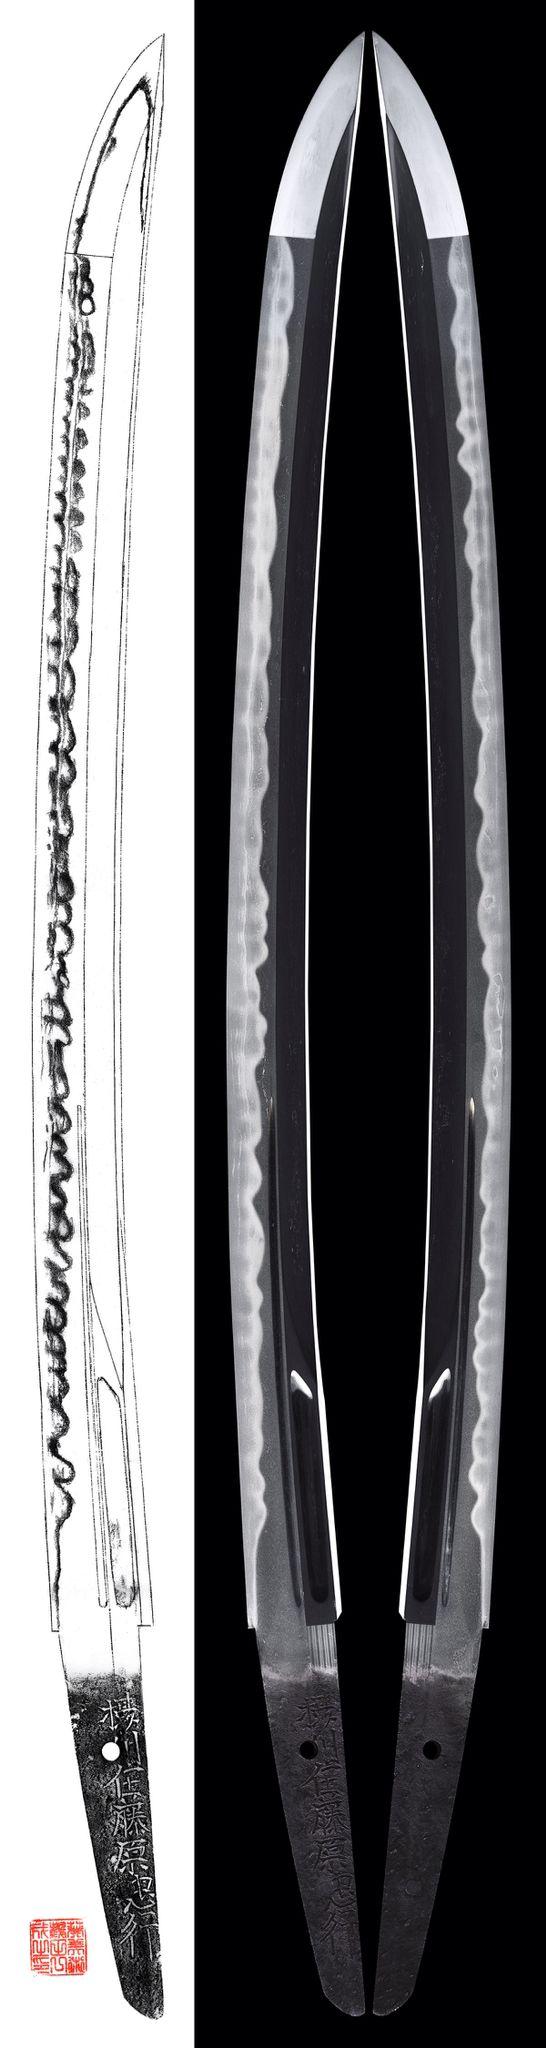 636 best sword knife images on Pinterest   Swords, Knife making and ...